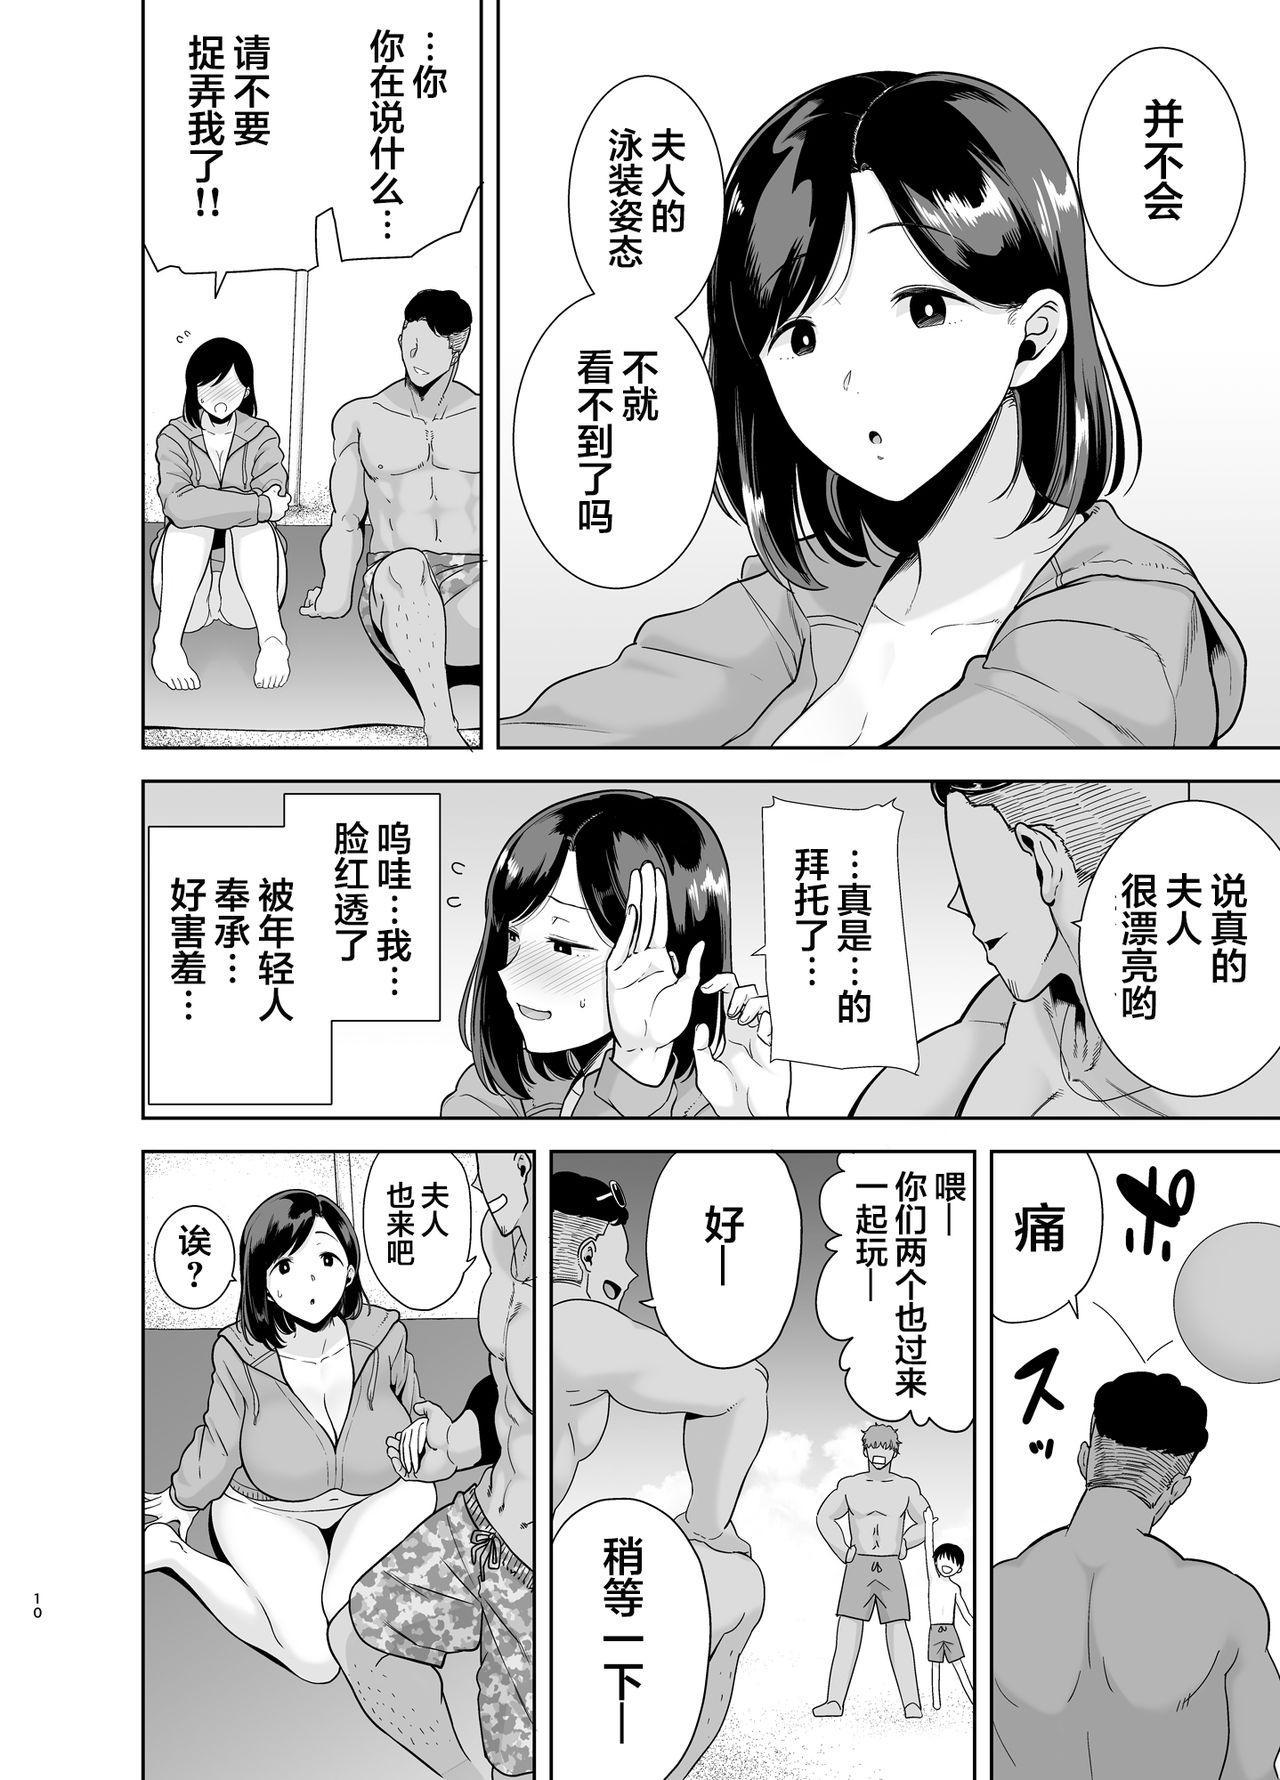 [DOLL PLAY (Kurosu Gatari)] Natsuzuma ~Natsu, Ryokan, Nanpa Otoko-tachi ni Ochita Tsuma~ Megane Nashi [Chinese] [翻车汉化组] 8